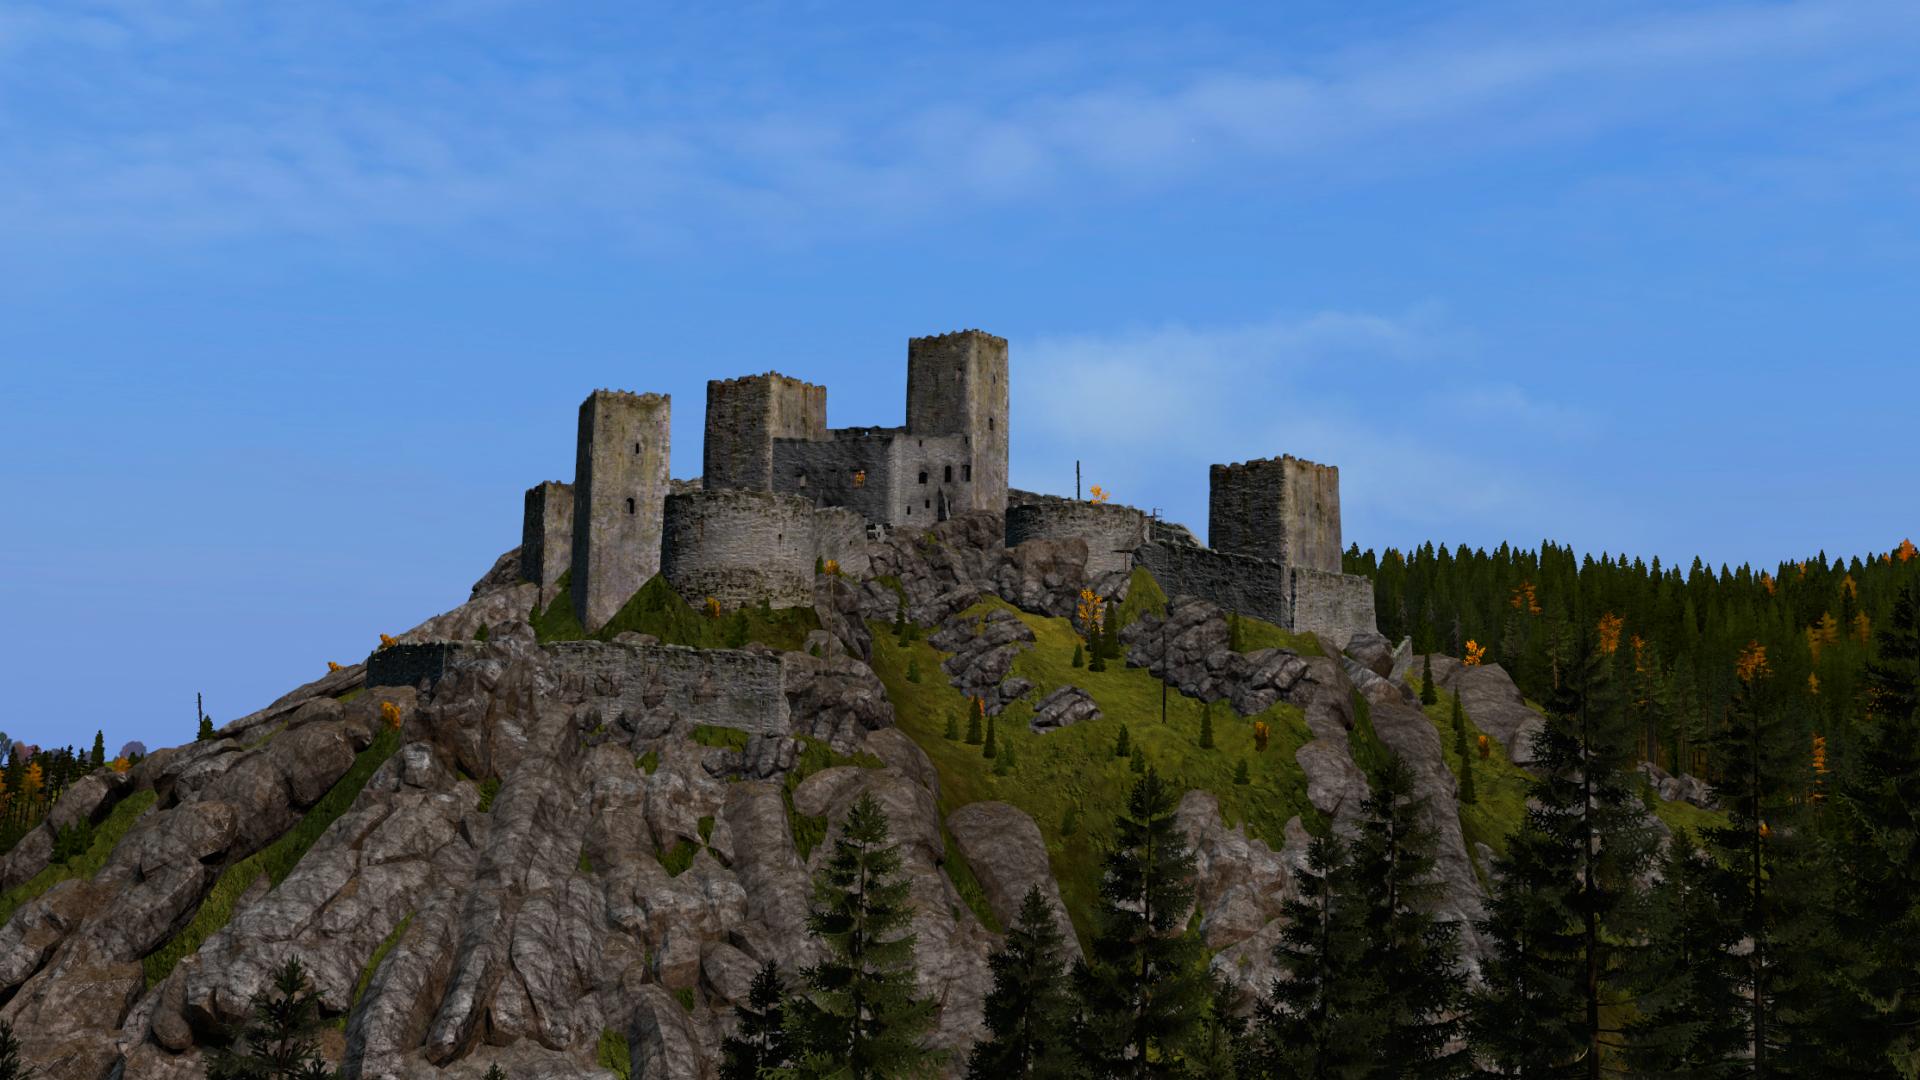 dayz-0-62-castle-sw-of-lopatino.jpg.63c2e929d97260d86e1f0c0940cd6767.jpg